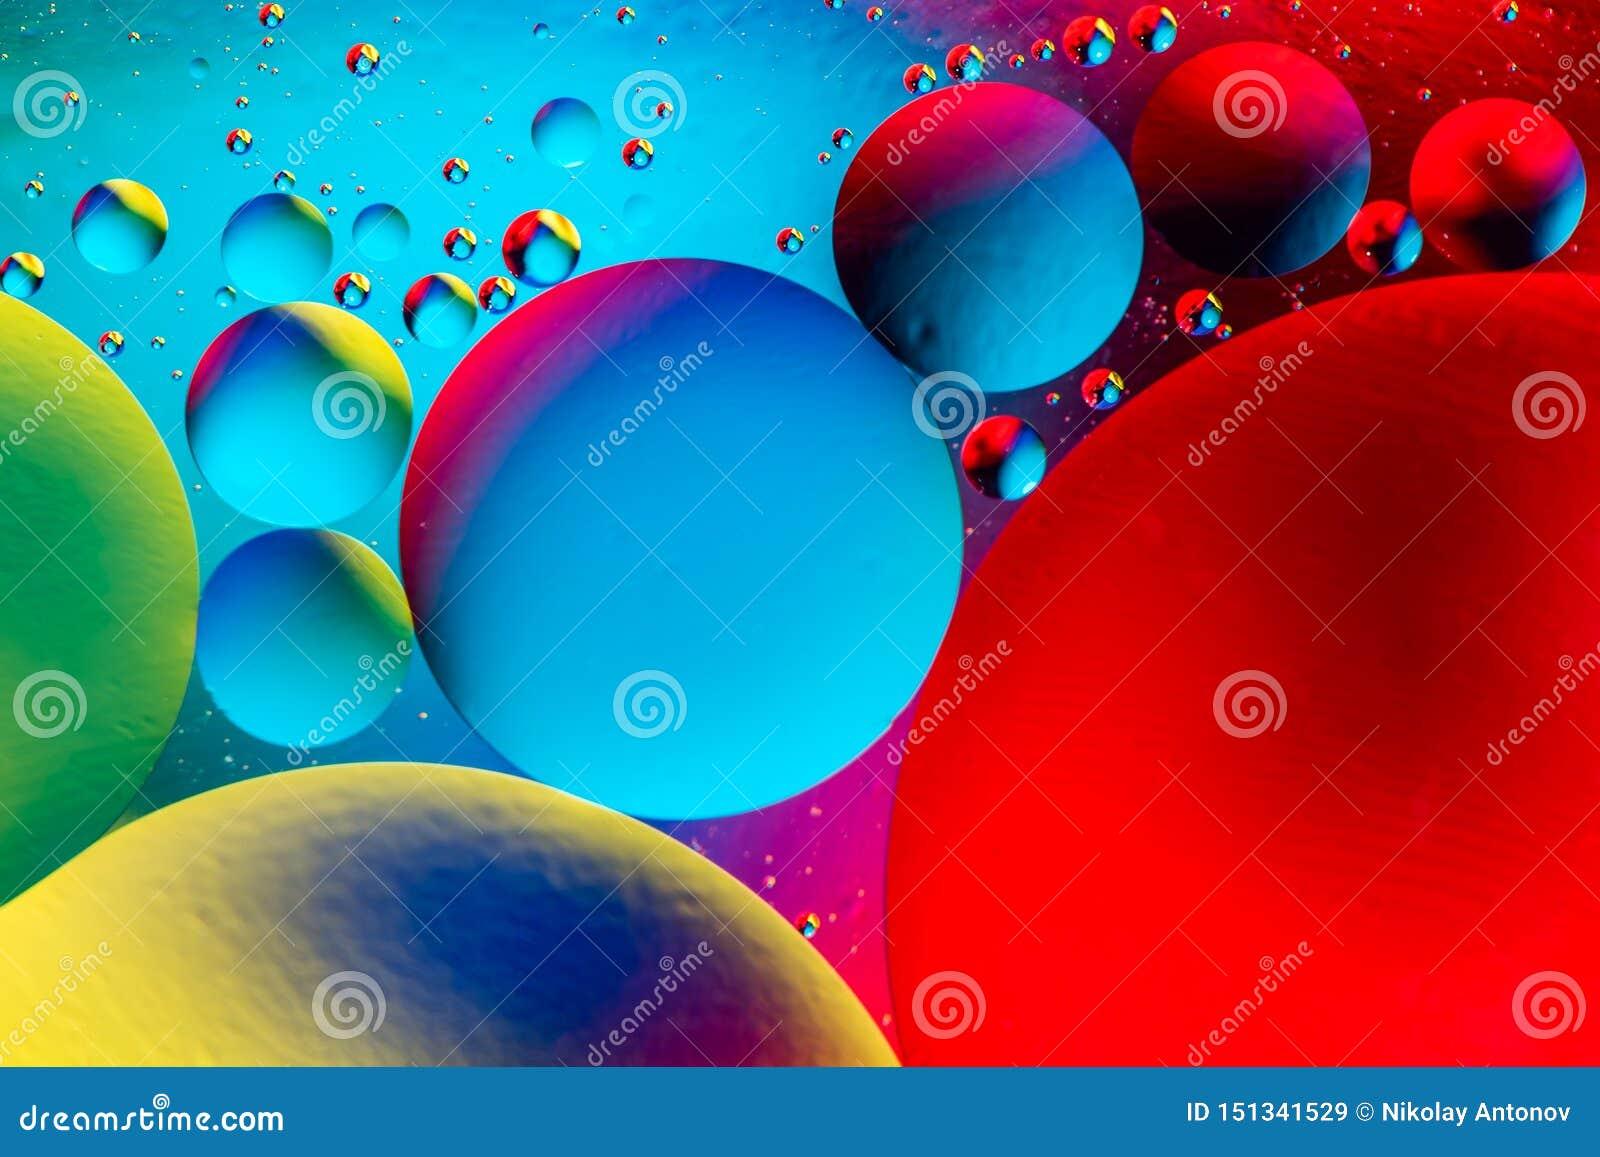 Предпосылка вселенной космоса или планет космическая абстрактная Абстрактное sctructure атома молекулы Пузыри воды Макрос снятый